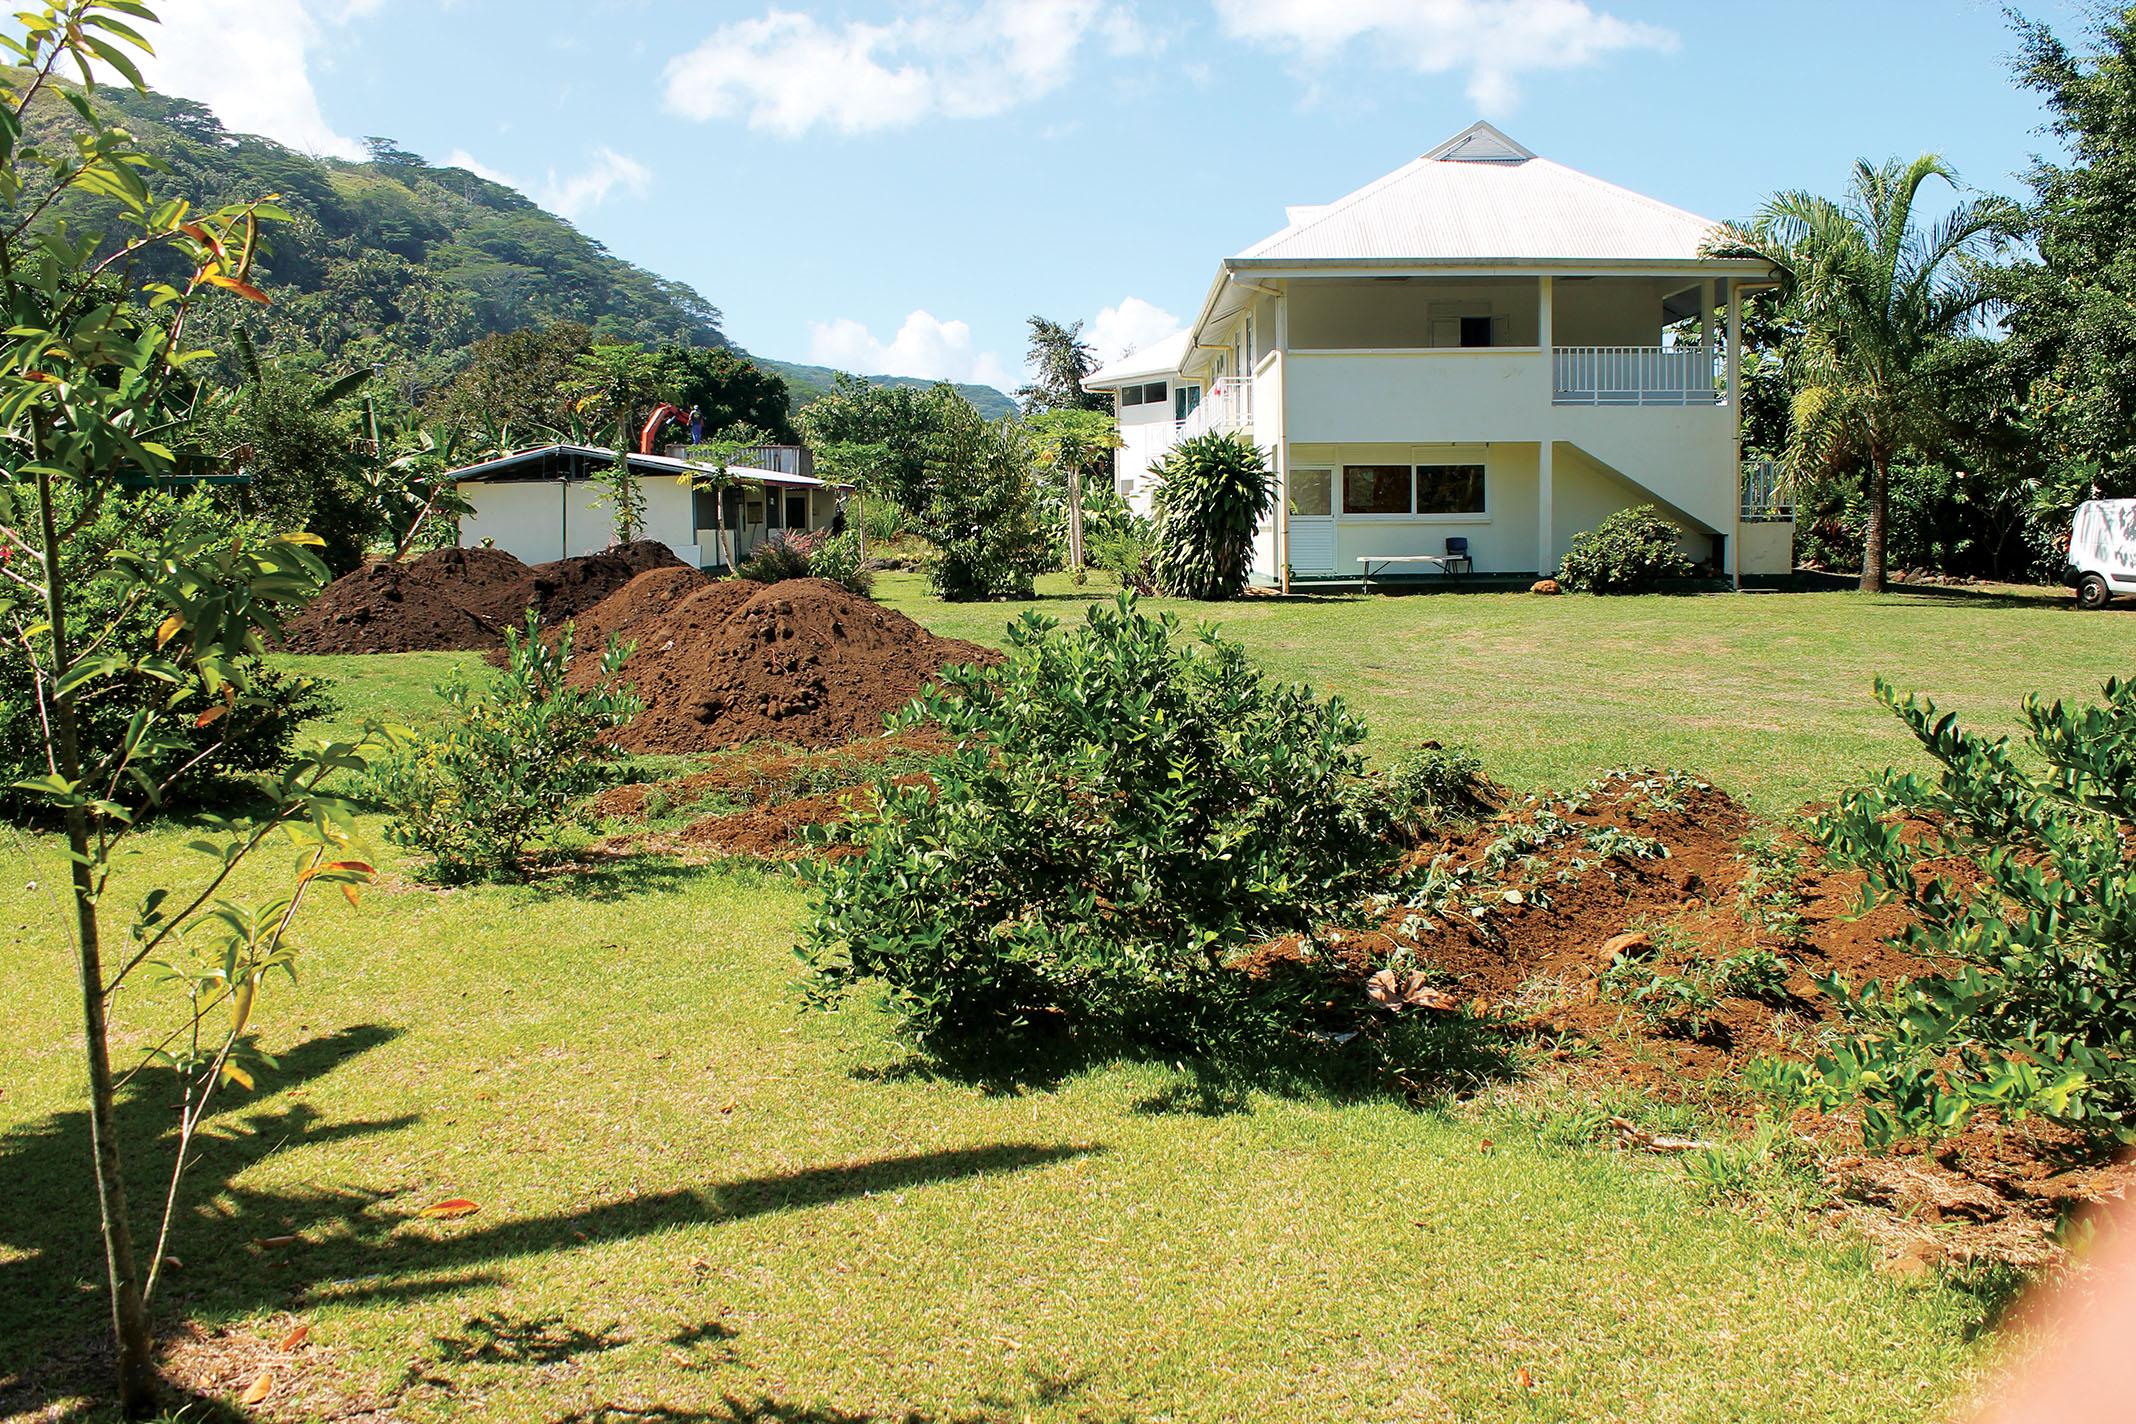 Le Comité polynésien des maisons familiales rurales fédère huit maisons familiales rurales en Polynésie.